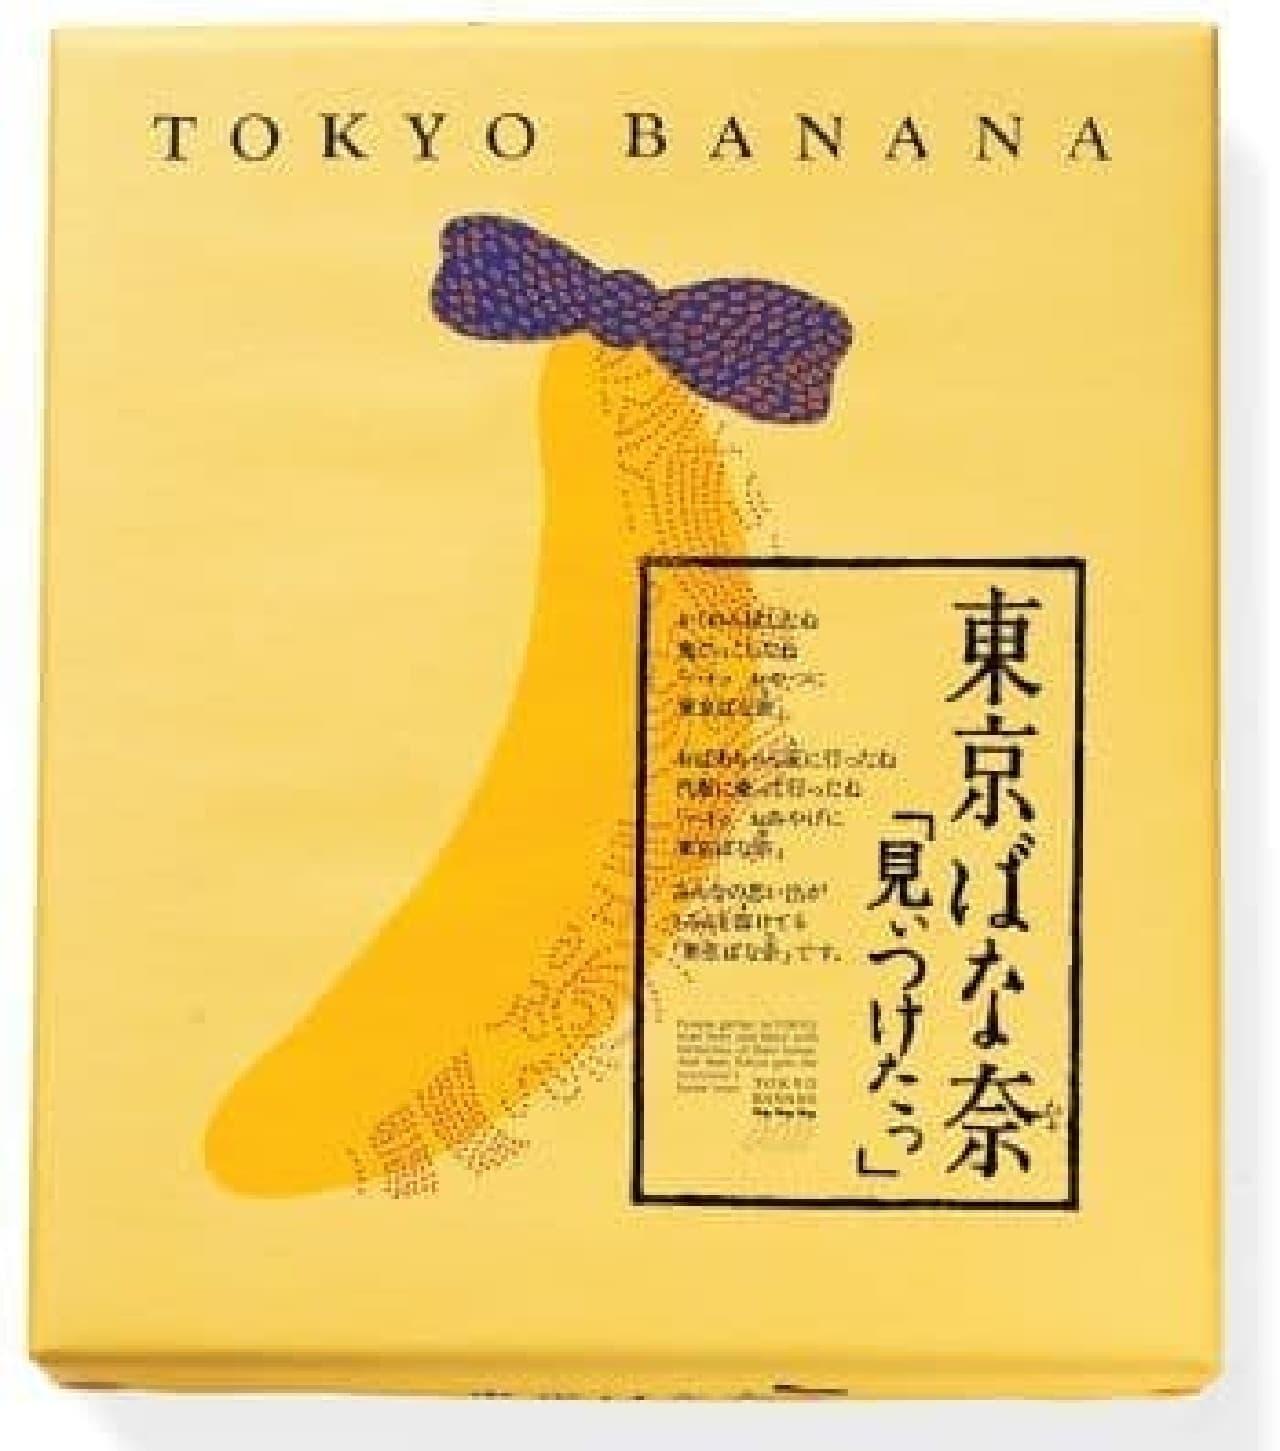 「東京ばな奈」はふんわり柔らかいスポンジからバナナカスタードクリームがとろけ出るお菓子